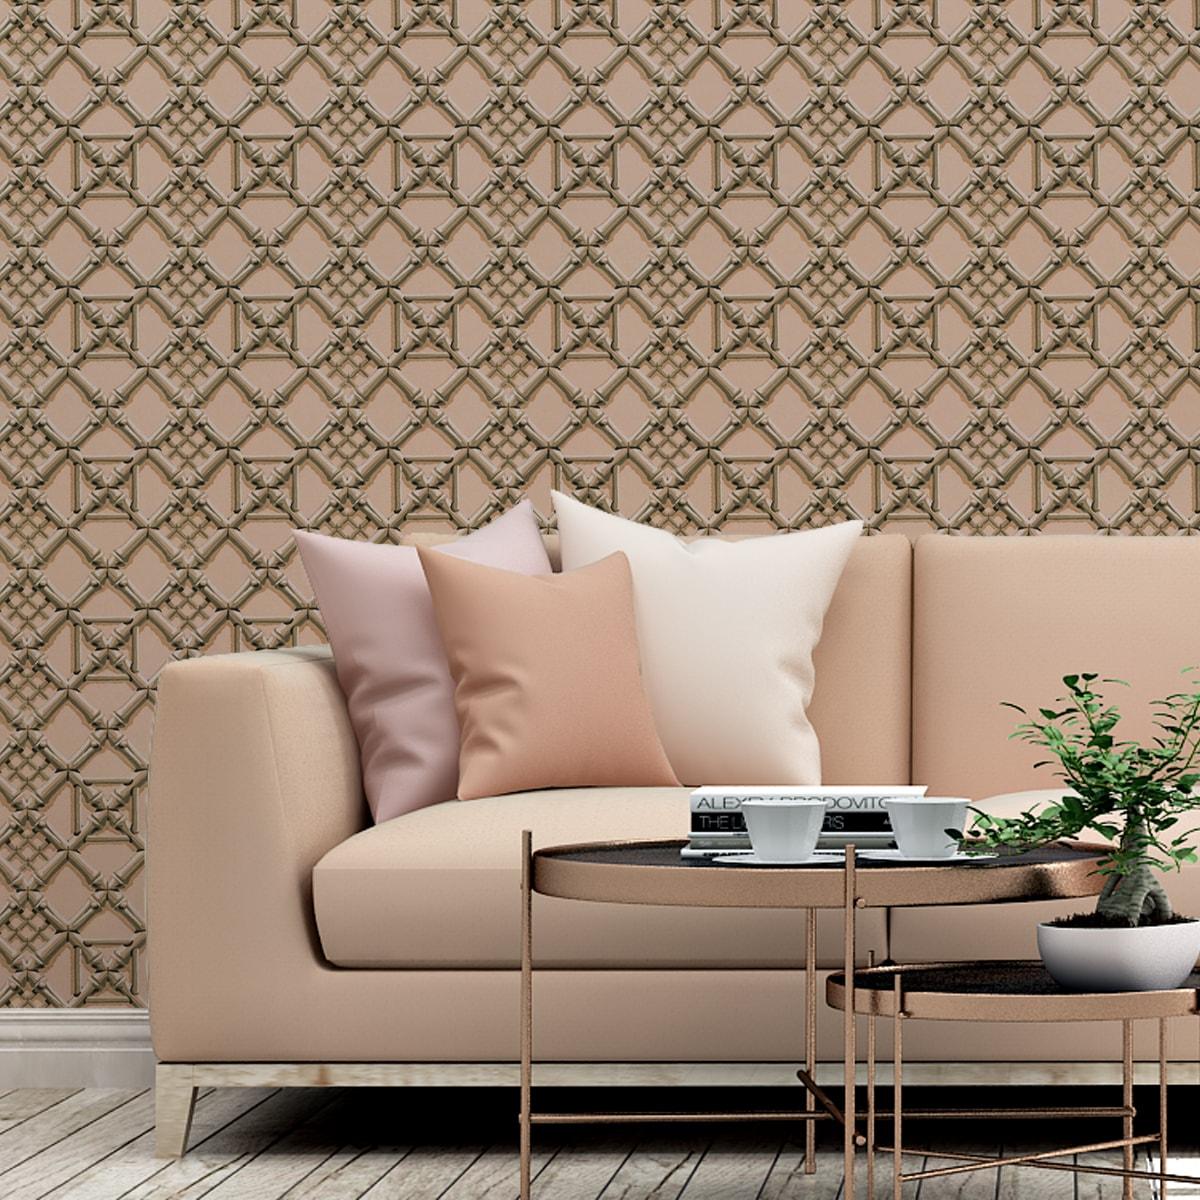 Rosa Wohnzimmer Tapete: Klassische Tapete